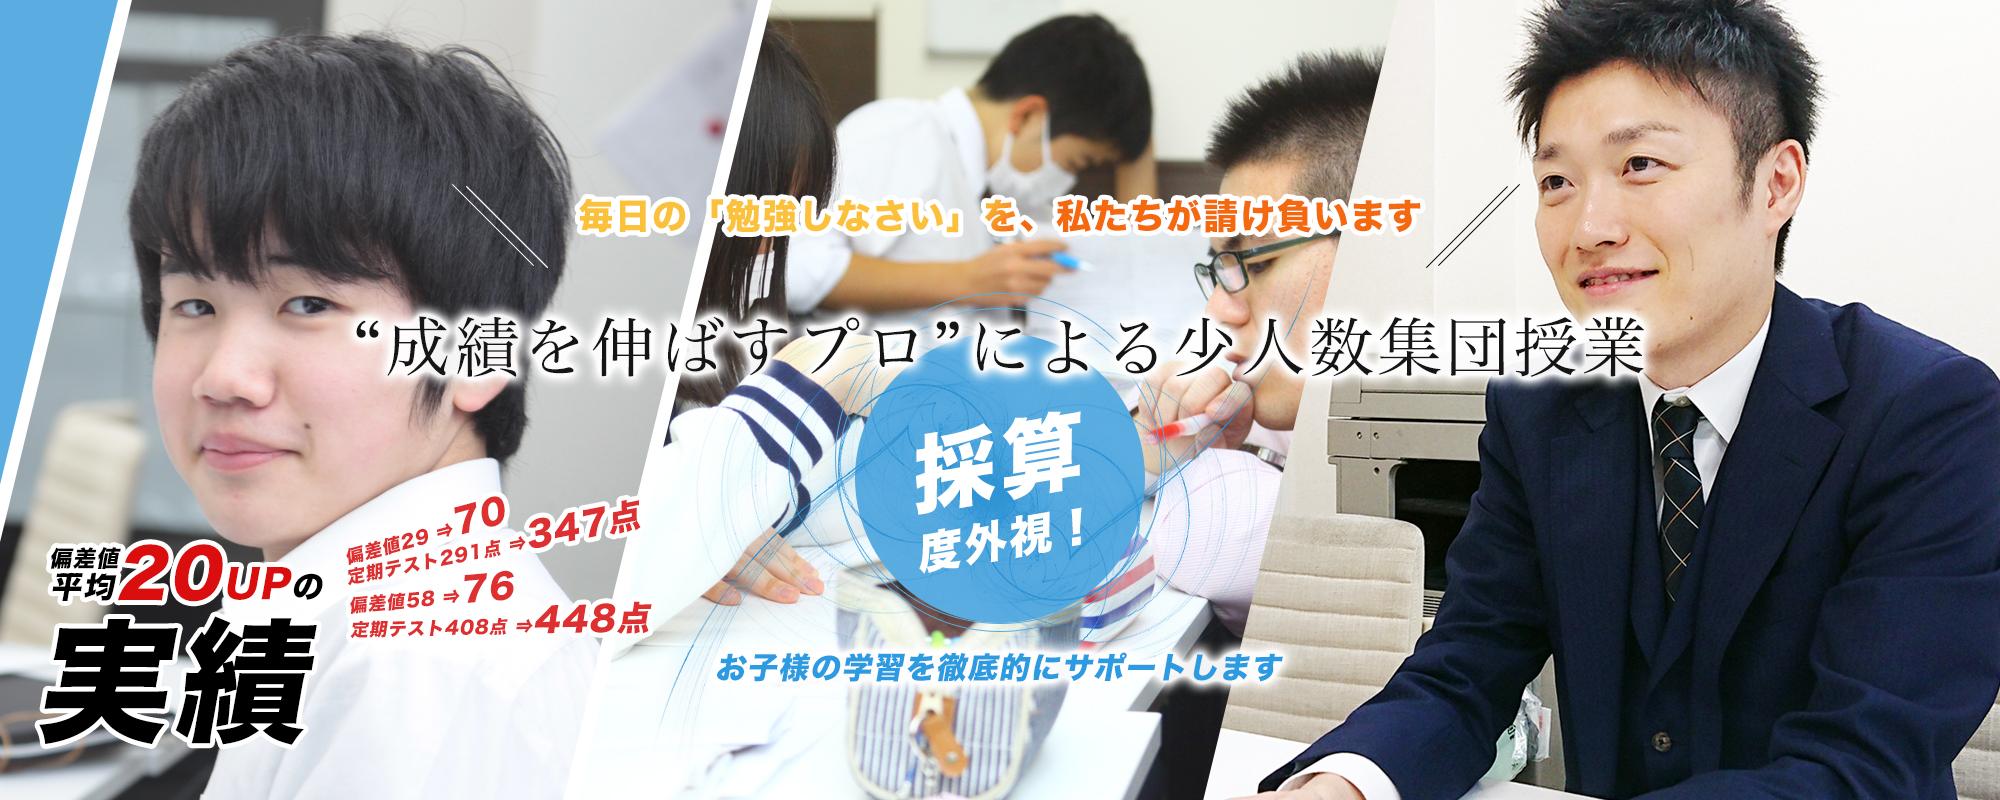 江戸川区一之江・船堀で確実に成績が上がる学習塾をお探しなら東都ゼミナールへ